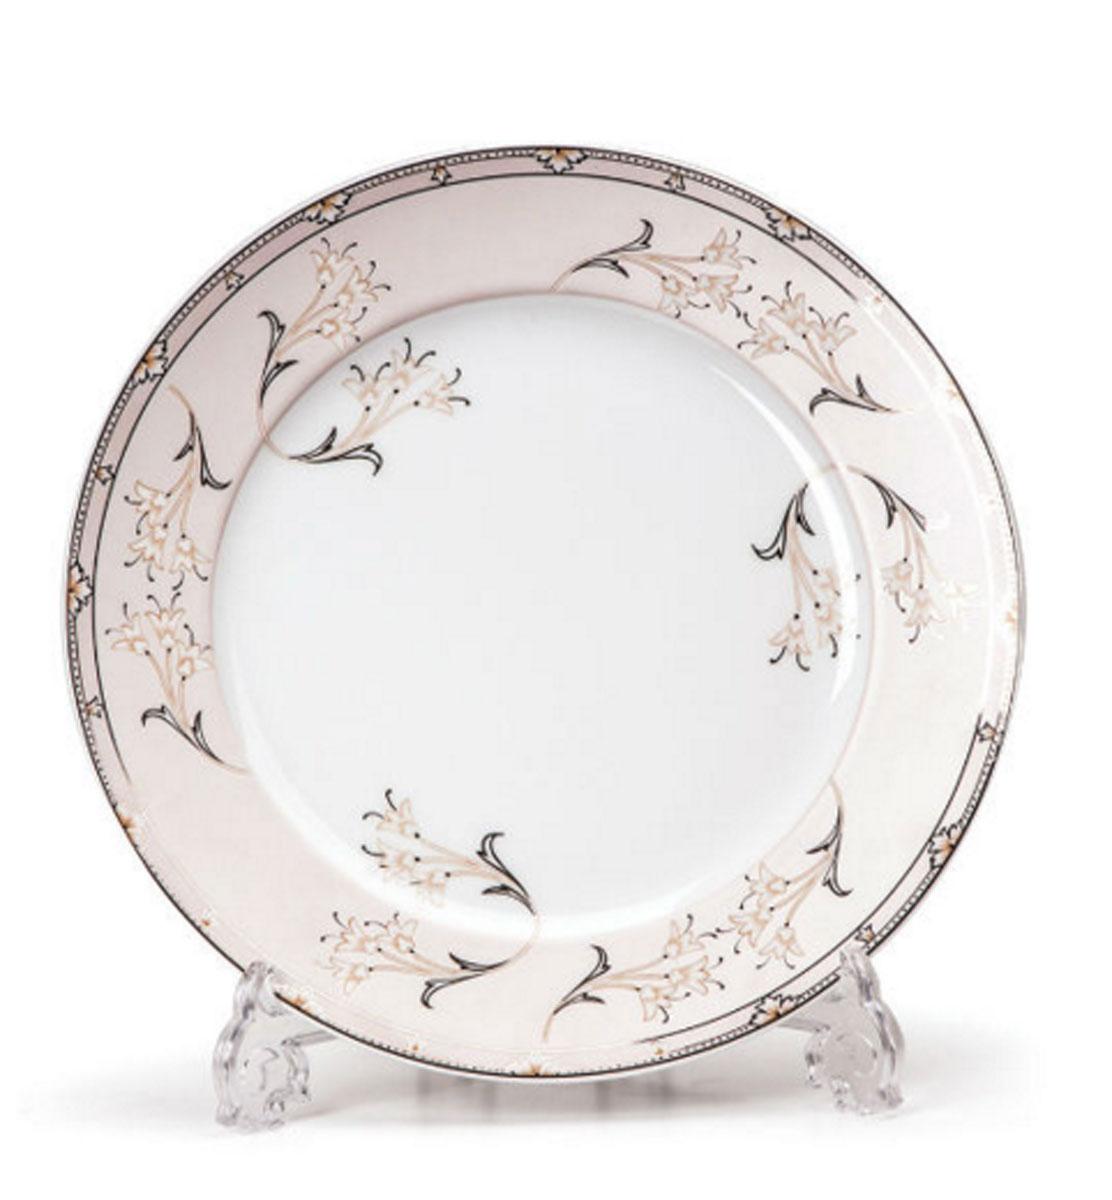 Набор десертных тарелок La Rose des Sables Isis, диаметр 19 см, 6 шт539114 1558Набор La Rose des Sables Isis состоит из шести десертных тарелок, выполненных из высококачественного фарфора. Изделия декорированы оригинальным принтом. Тарелки имеют круглую форму.Такой набор изящно украсит сервировку стола и порадует вас изящным дизайном. Диаметр (по верхнему краю): 19 см.